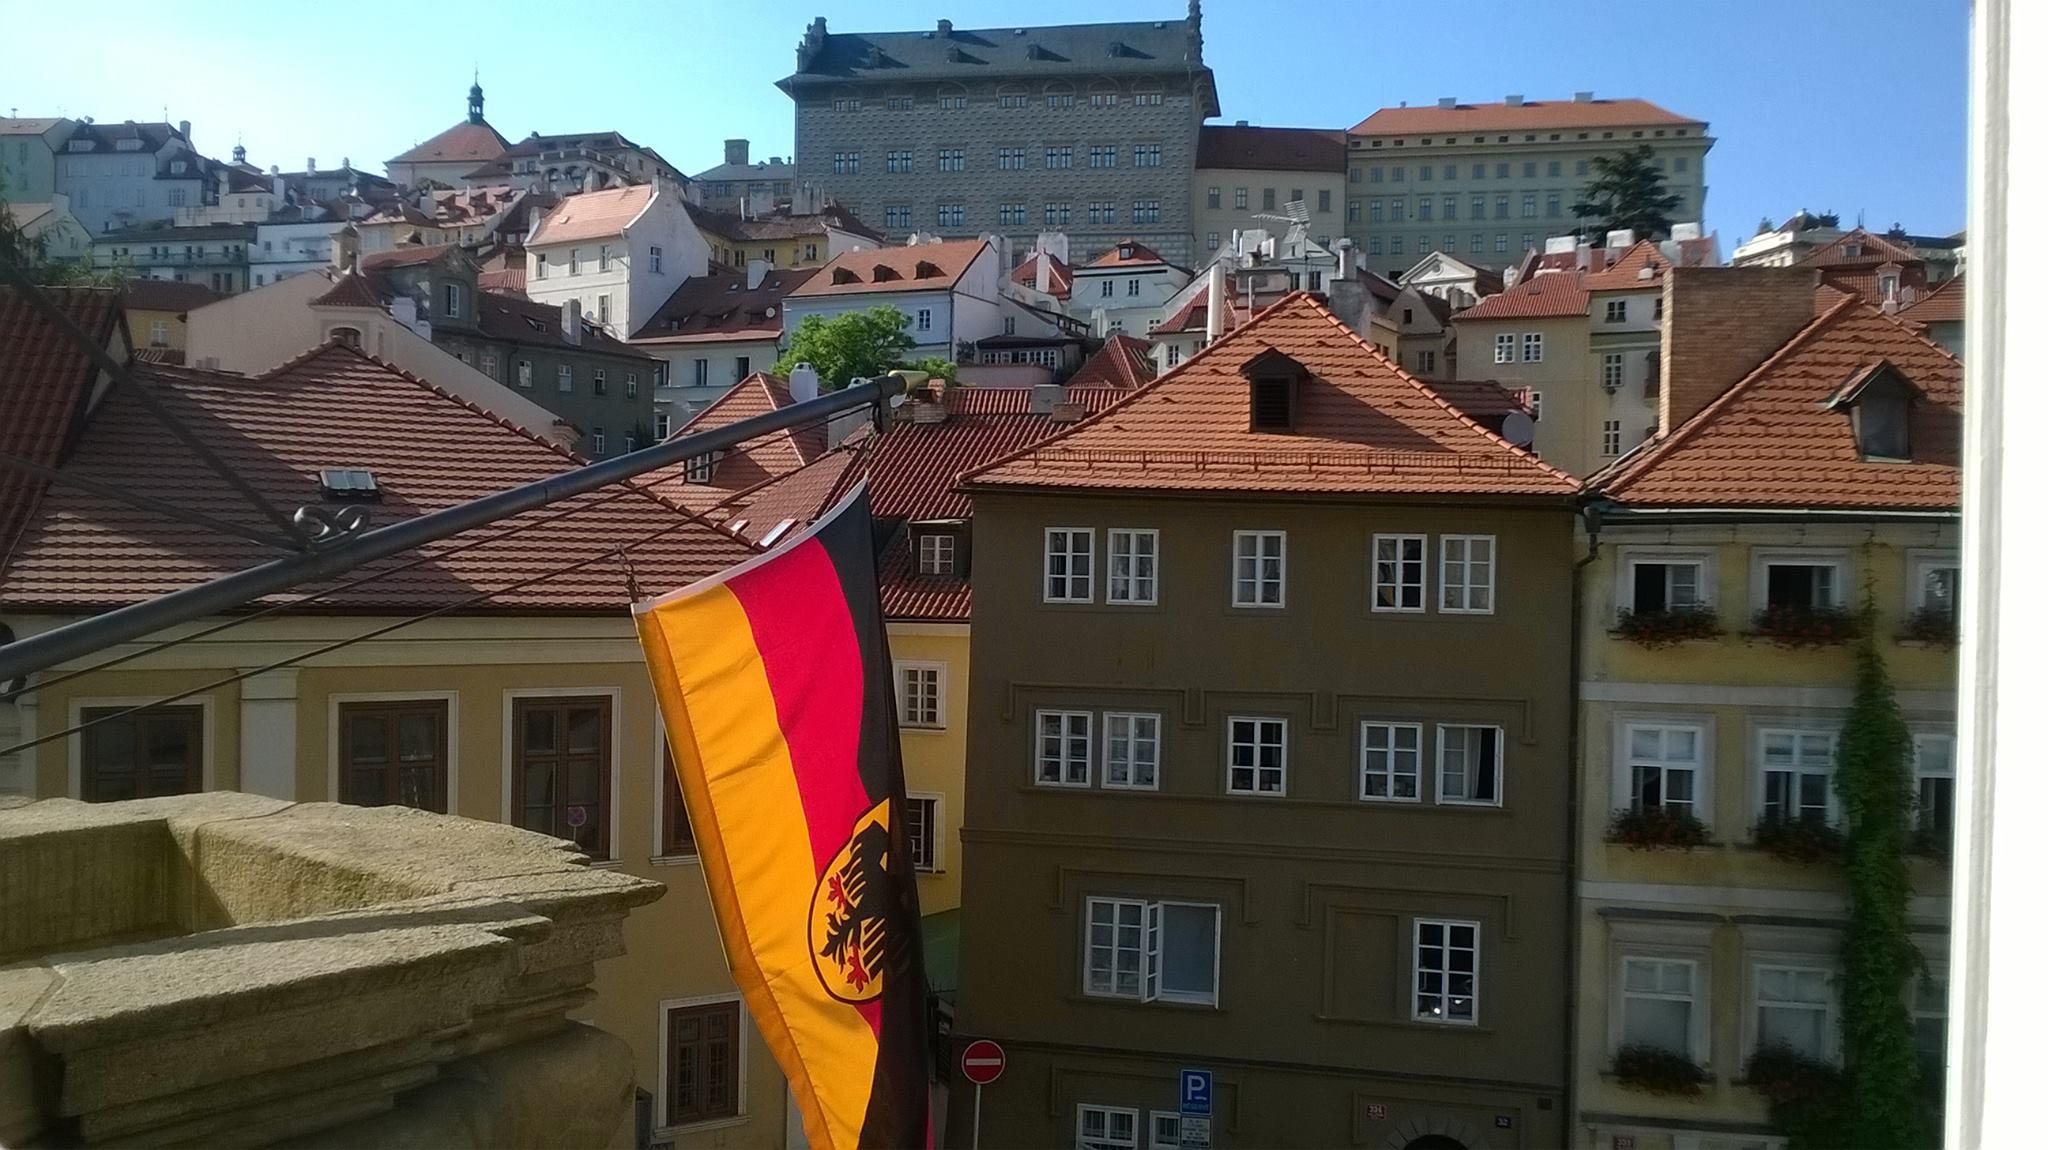 David Deutsche _Botschaft in Prag